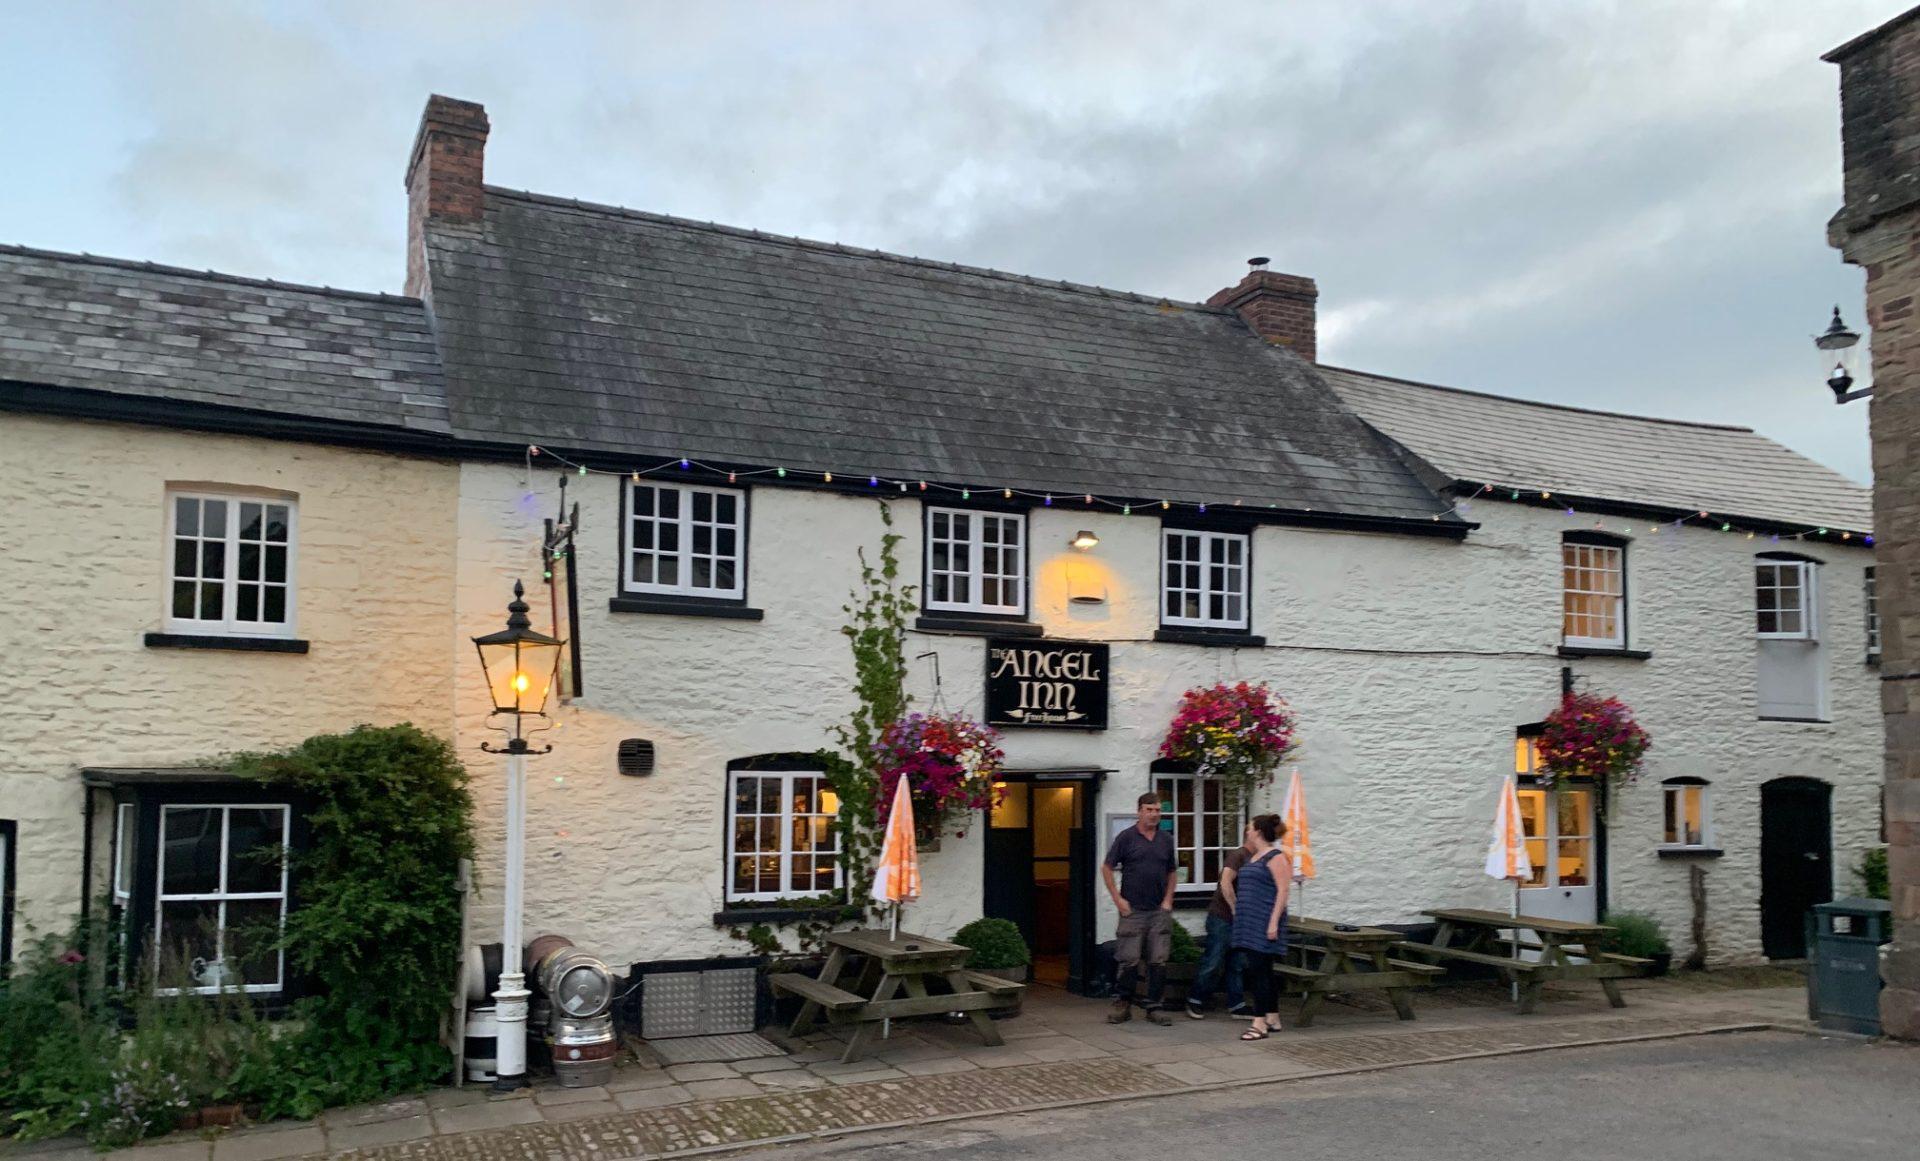 The Angel Inn at Grosmont